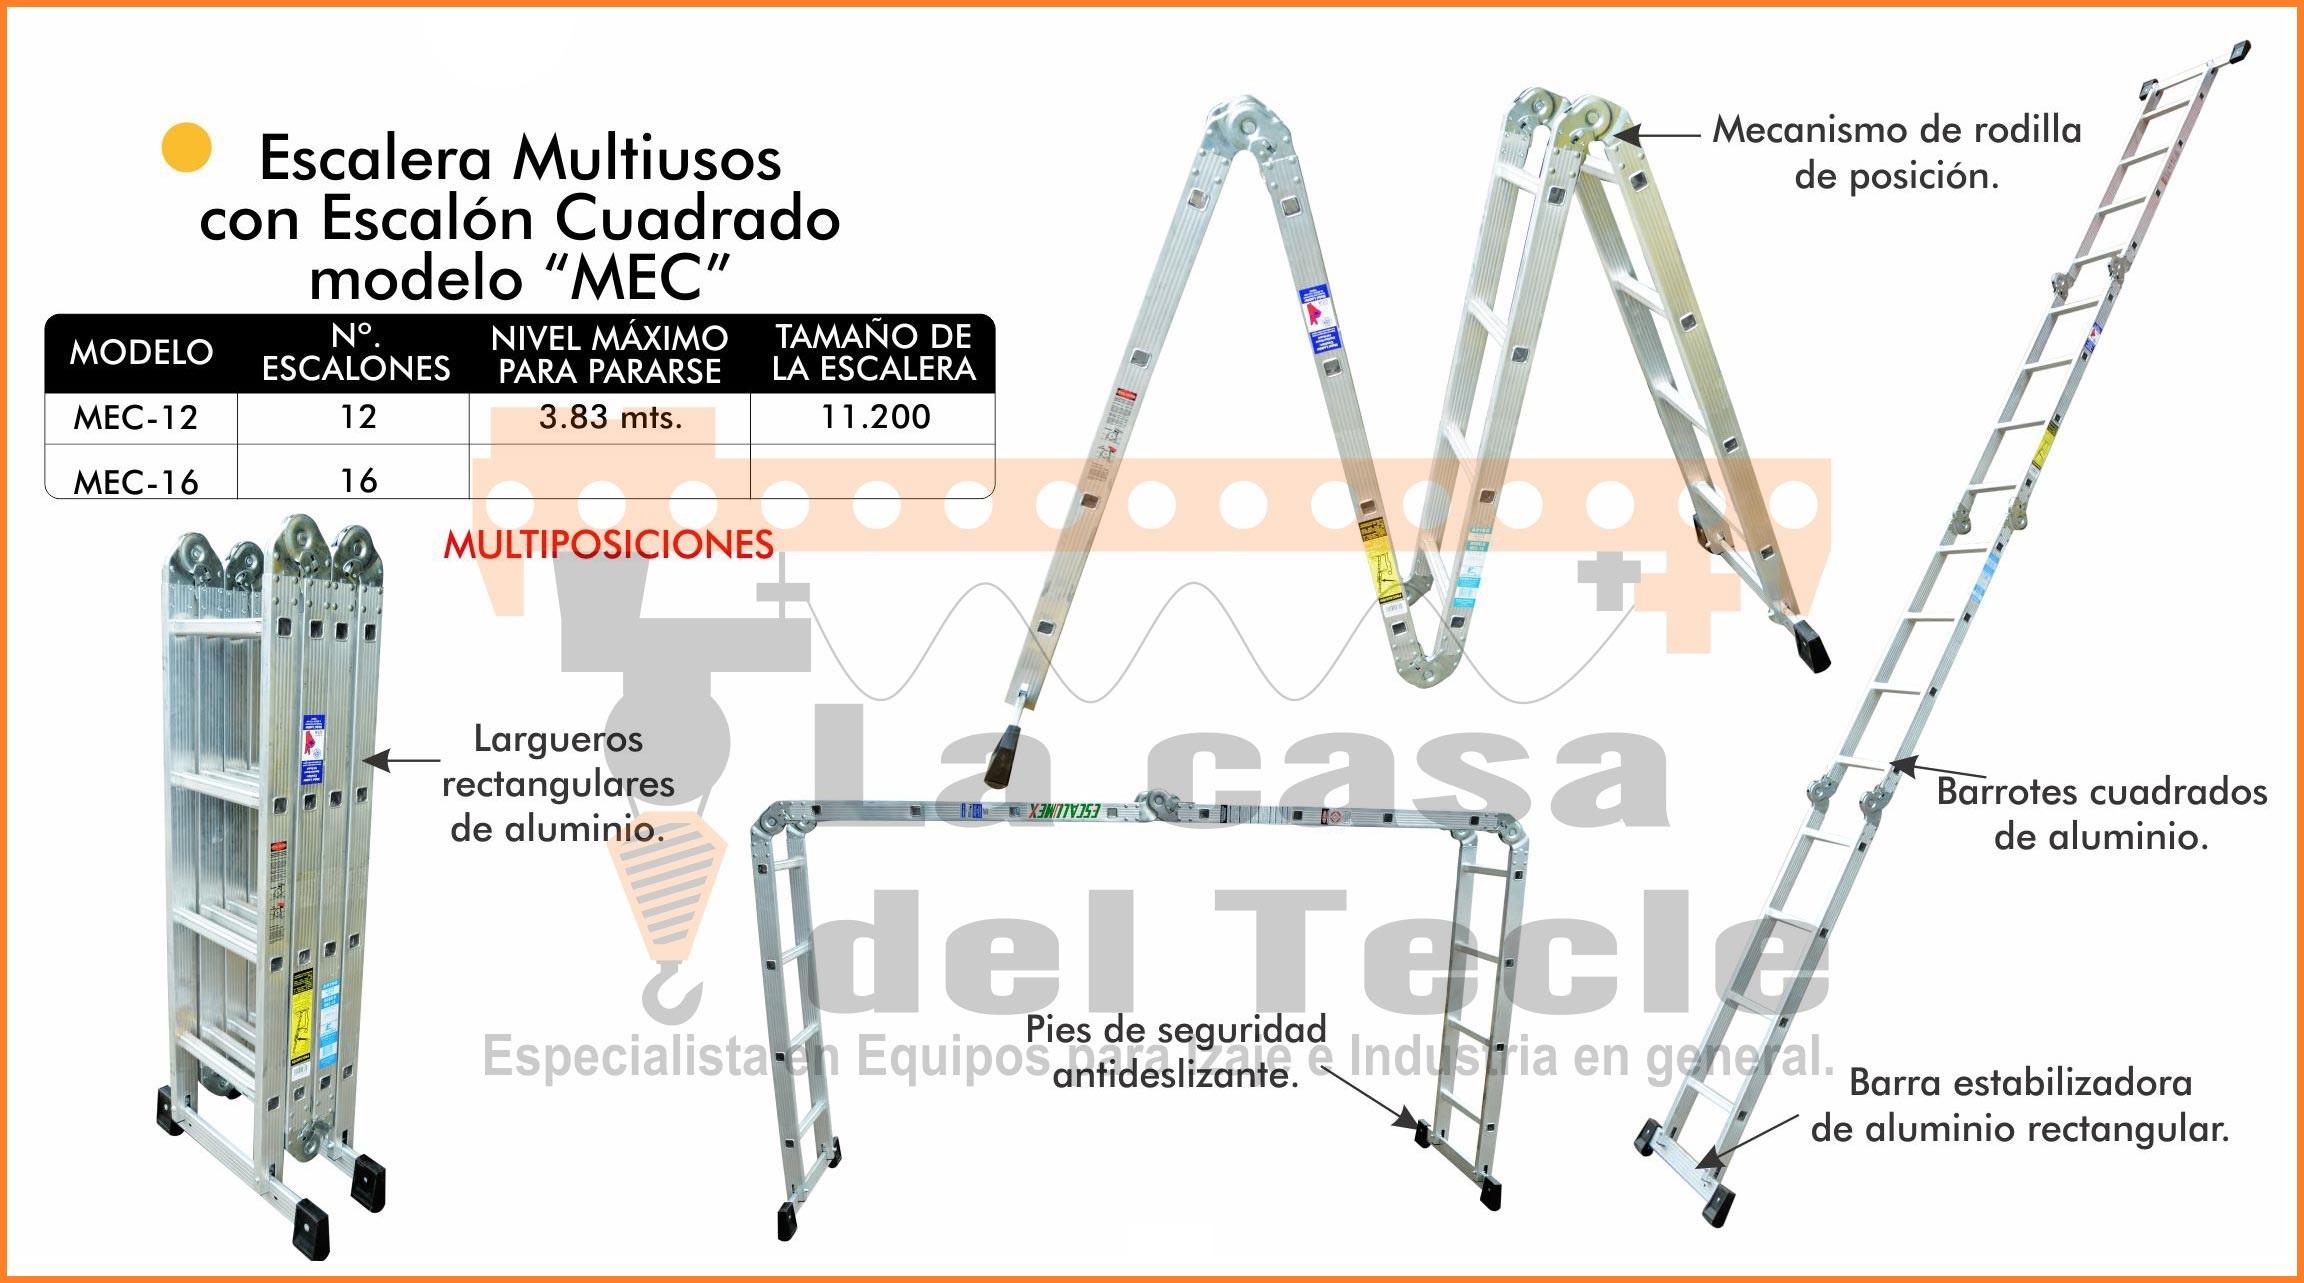 Escalera Multiusos con escalón cuadrado Modelo MEC